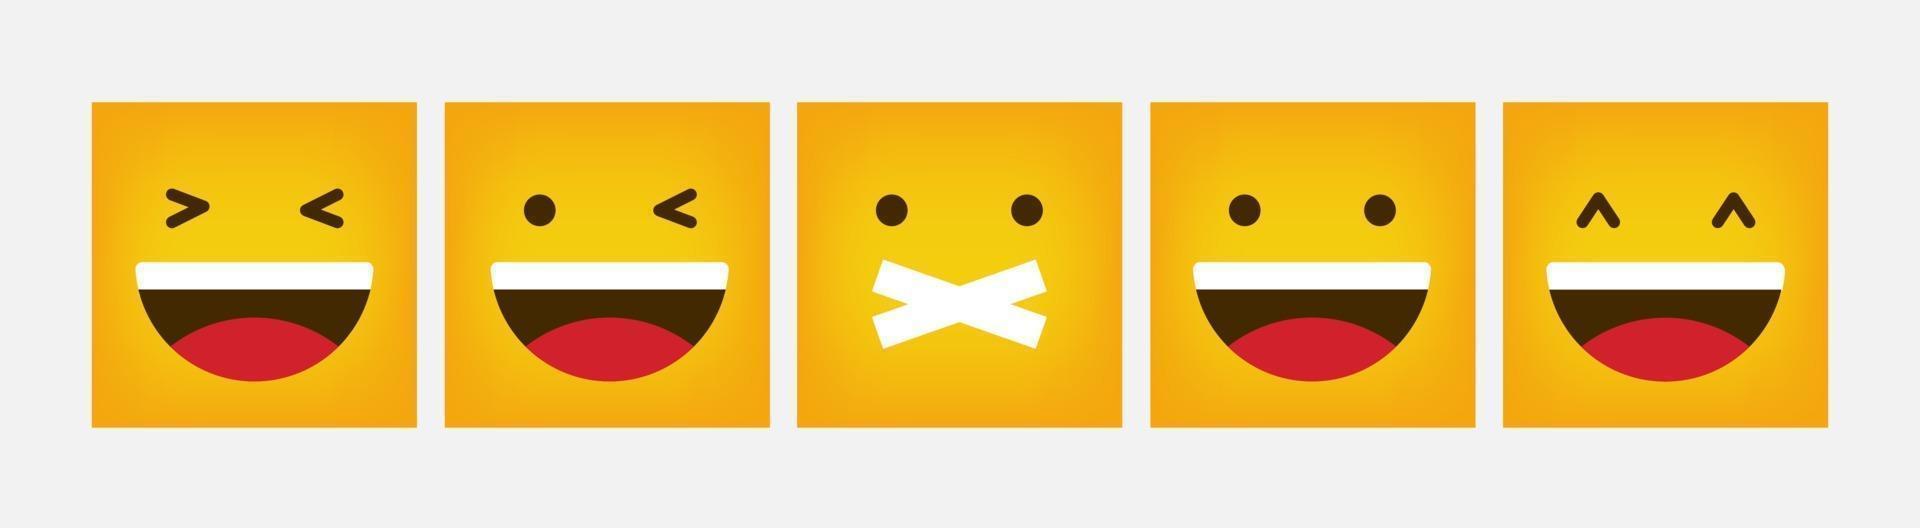 reactie ontwerp vierkante emoticon platte set - vector